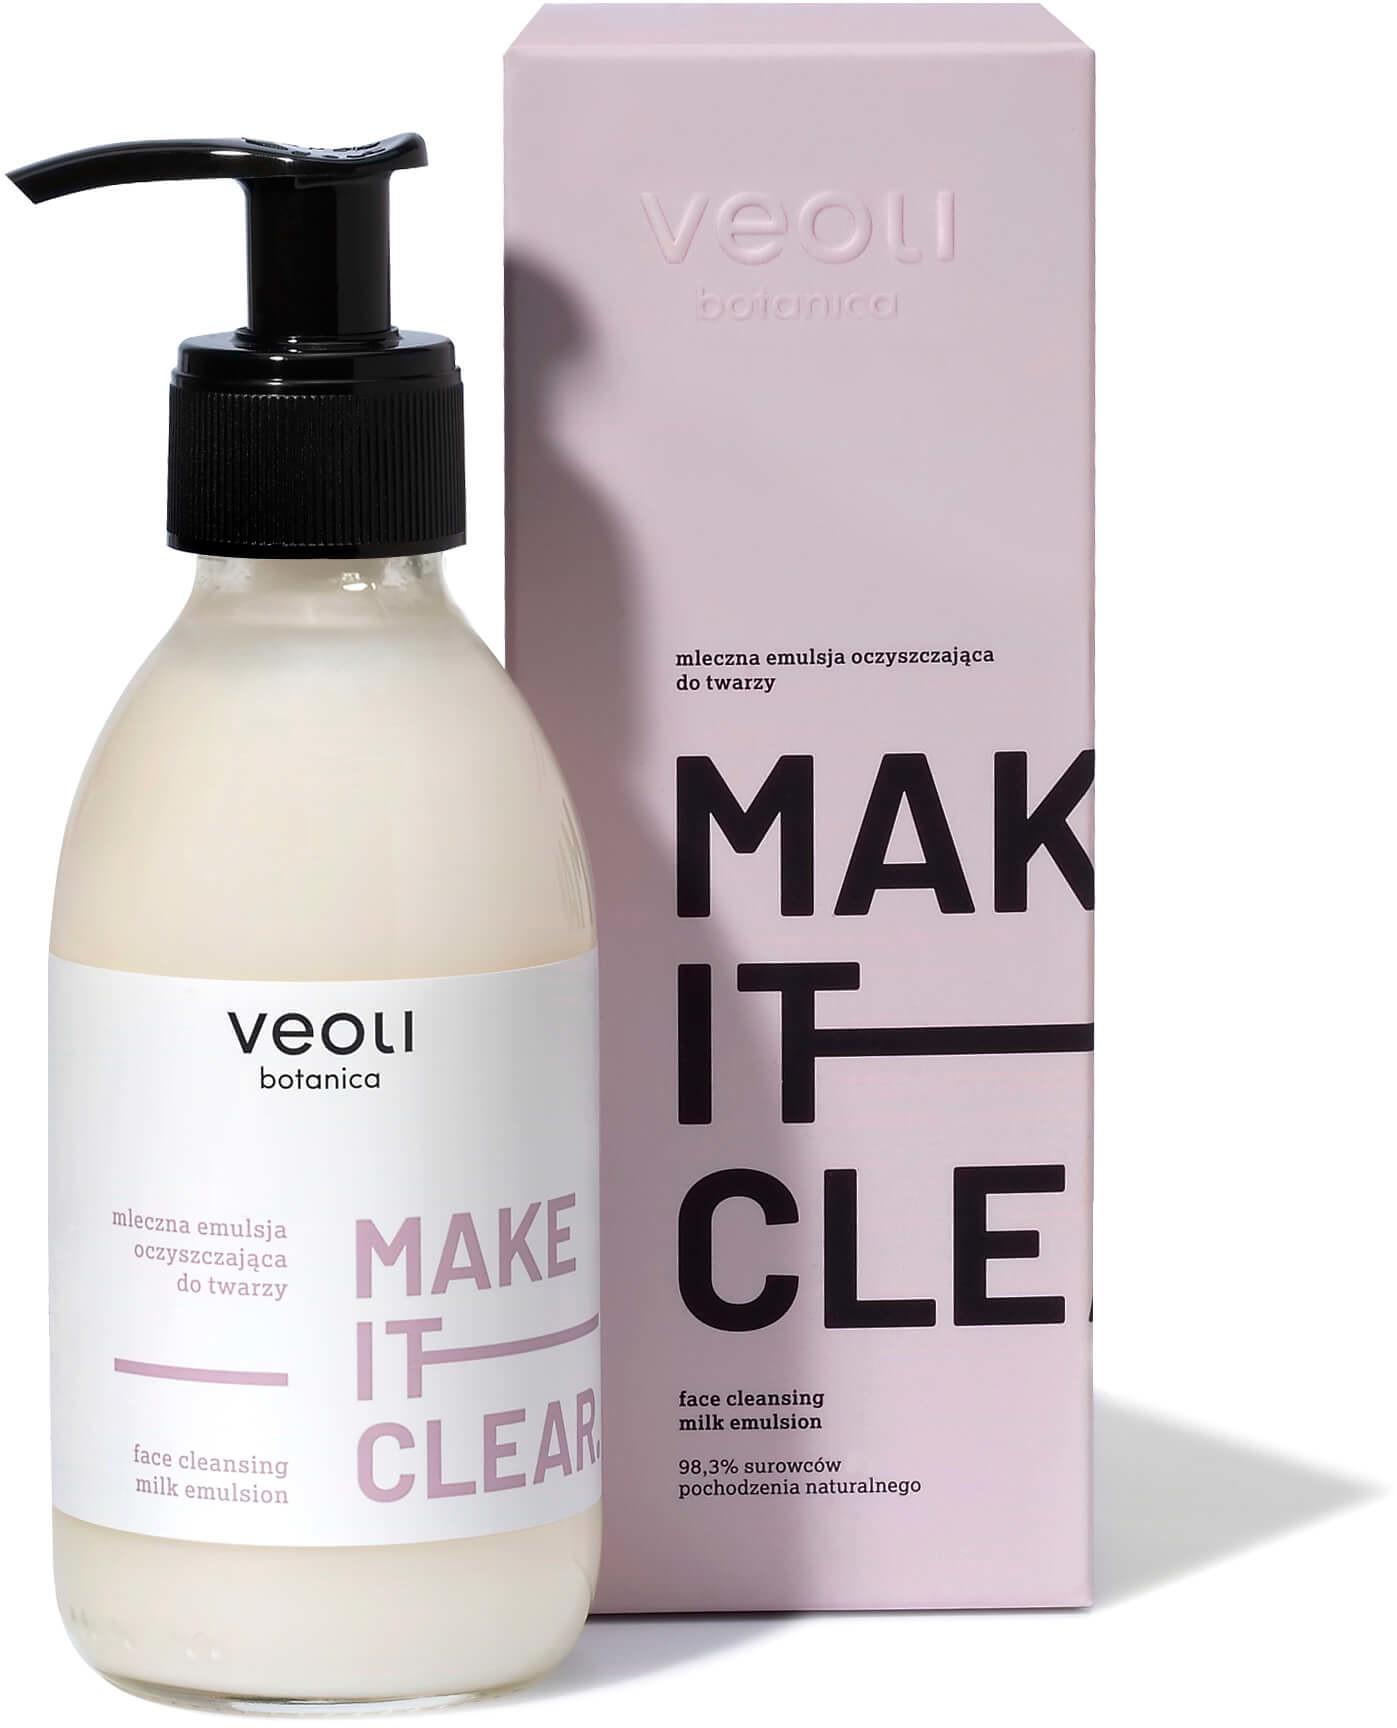 Veoli Botanica Veoli Botanica Make It Clear Mleczna emulsja oczyszczajaca do twarzy 200 ml